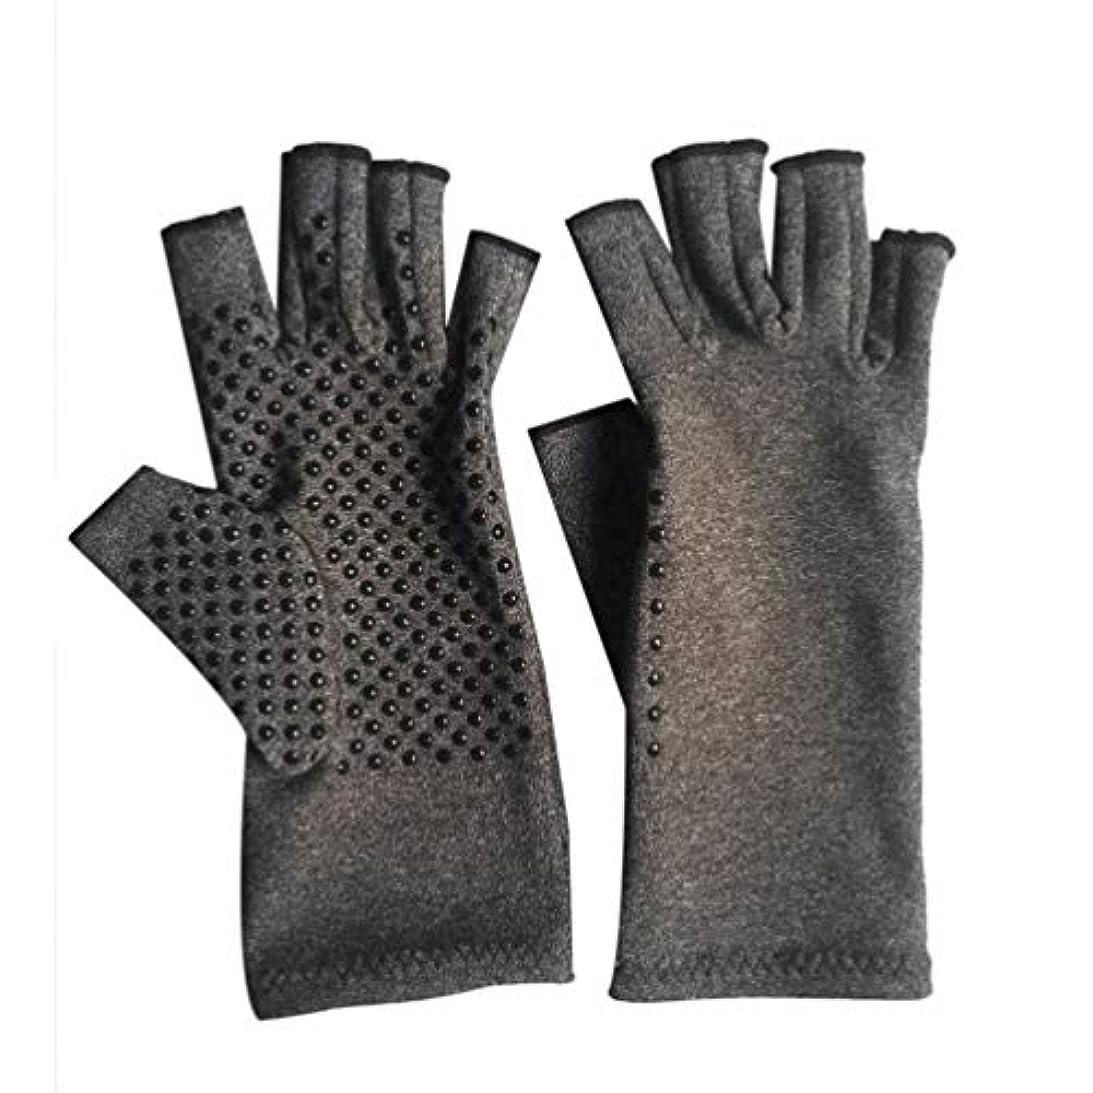 引っ張るファシズムエンジニア1ペアユニセックス男性女性療法圧縮手袋関節炎関節痛緩和ヘルスケア半指手袋トレーニング手袋 - グレーM